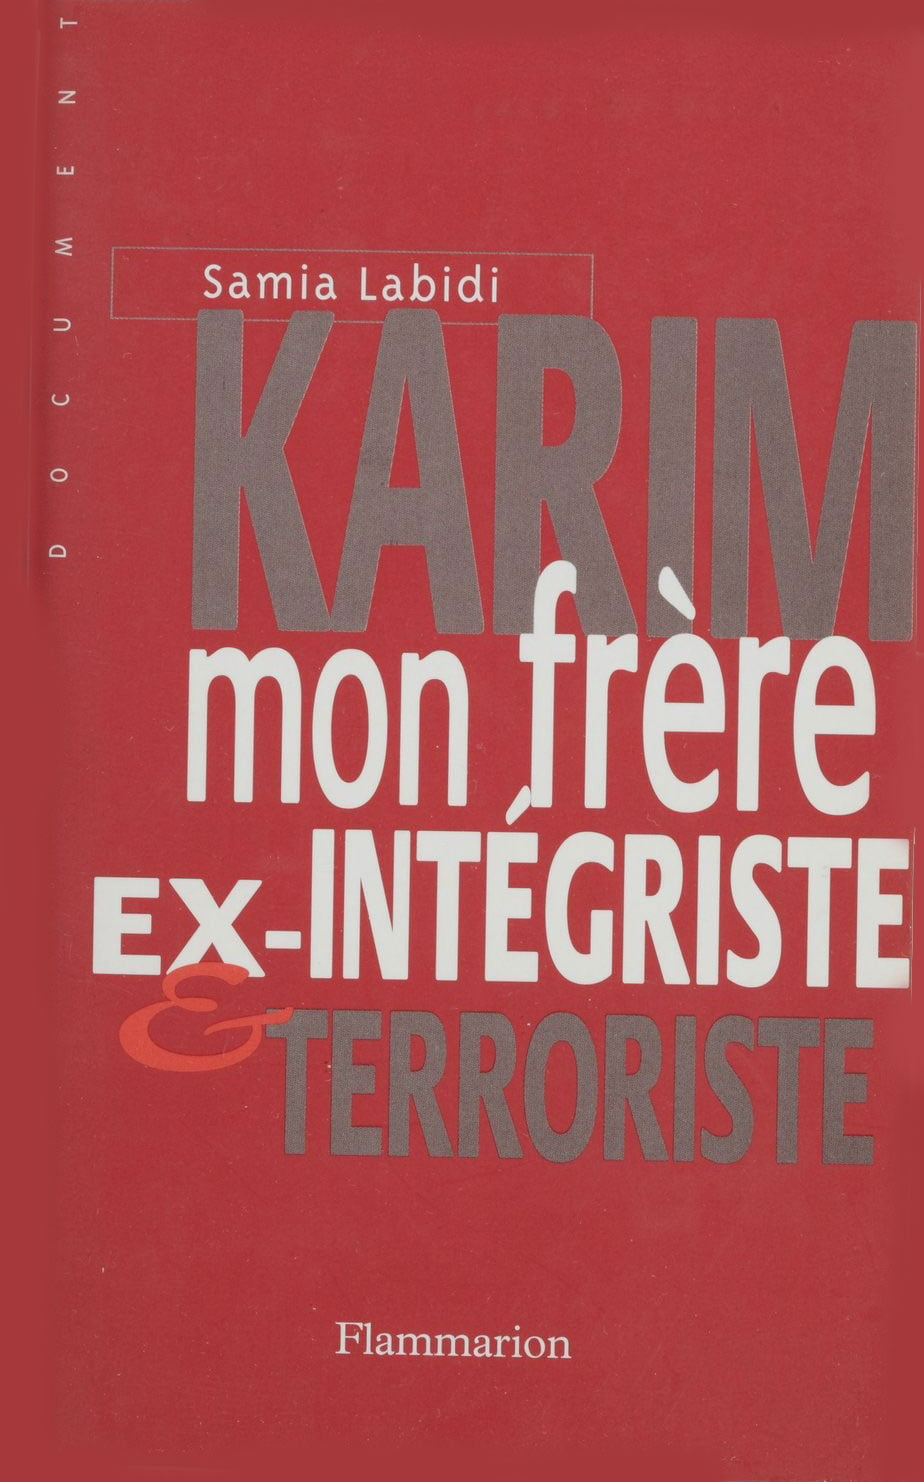 Karim, mon frère: Ex-intégriste et terroriste